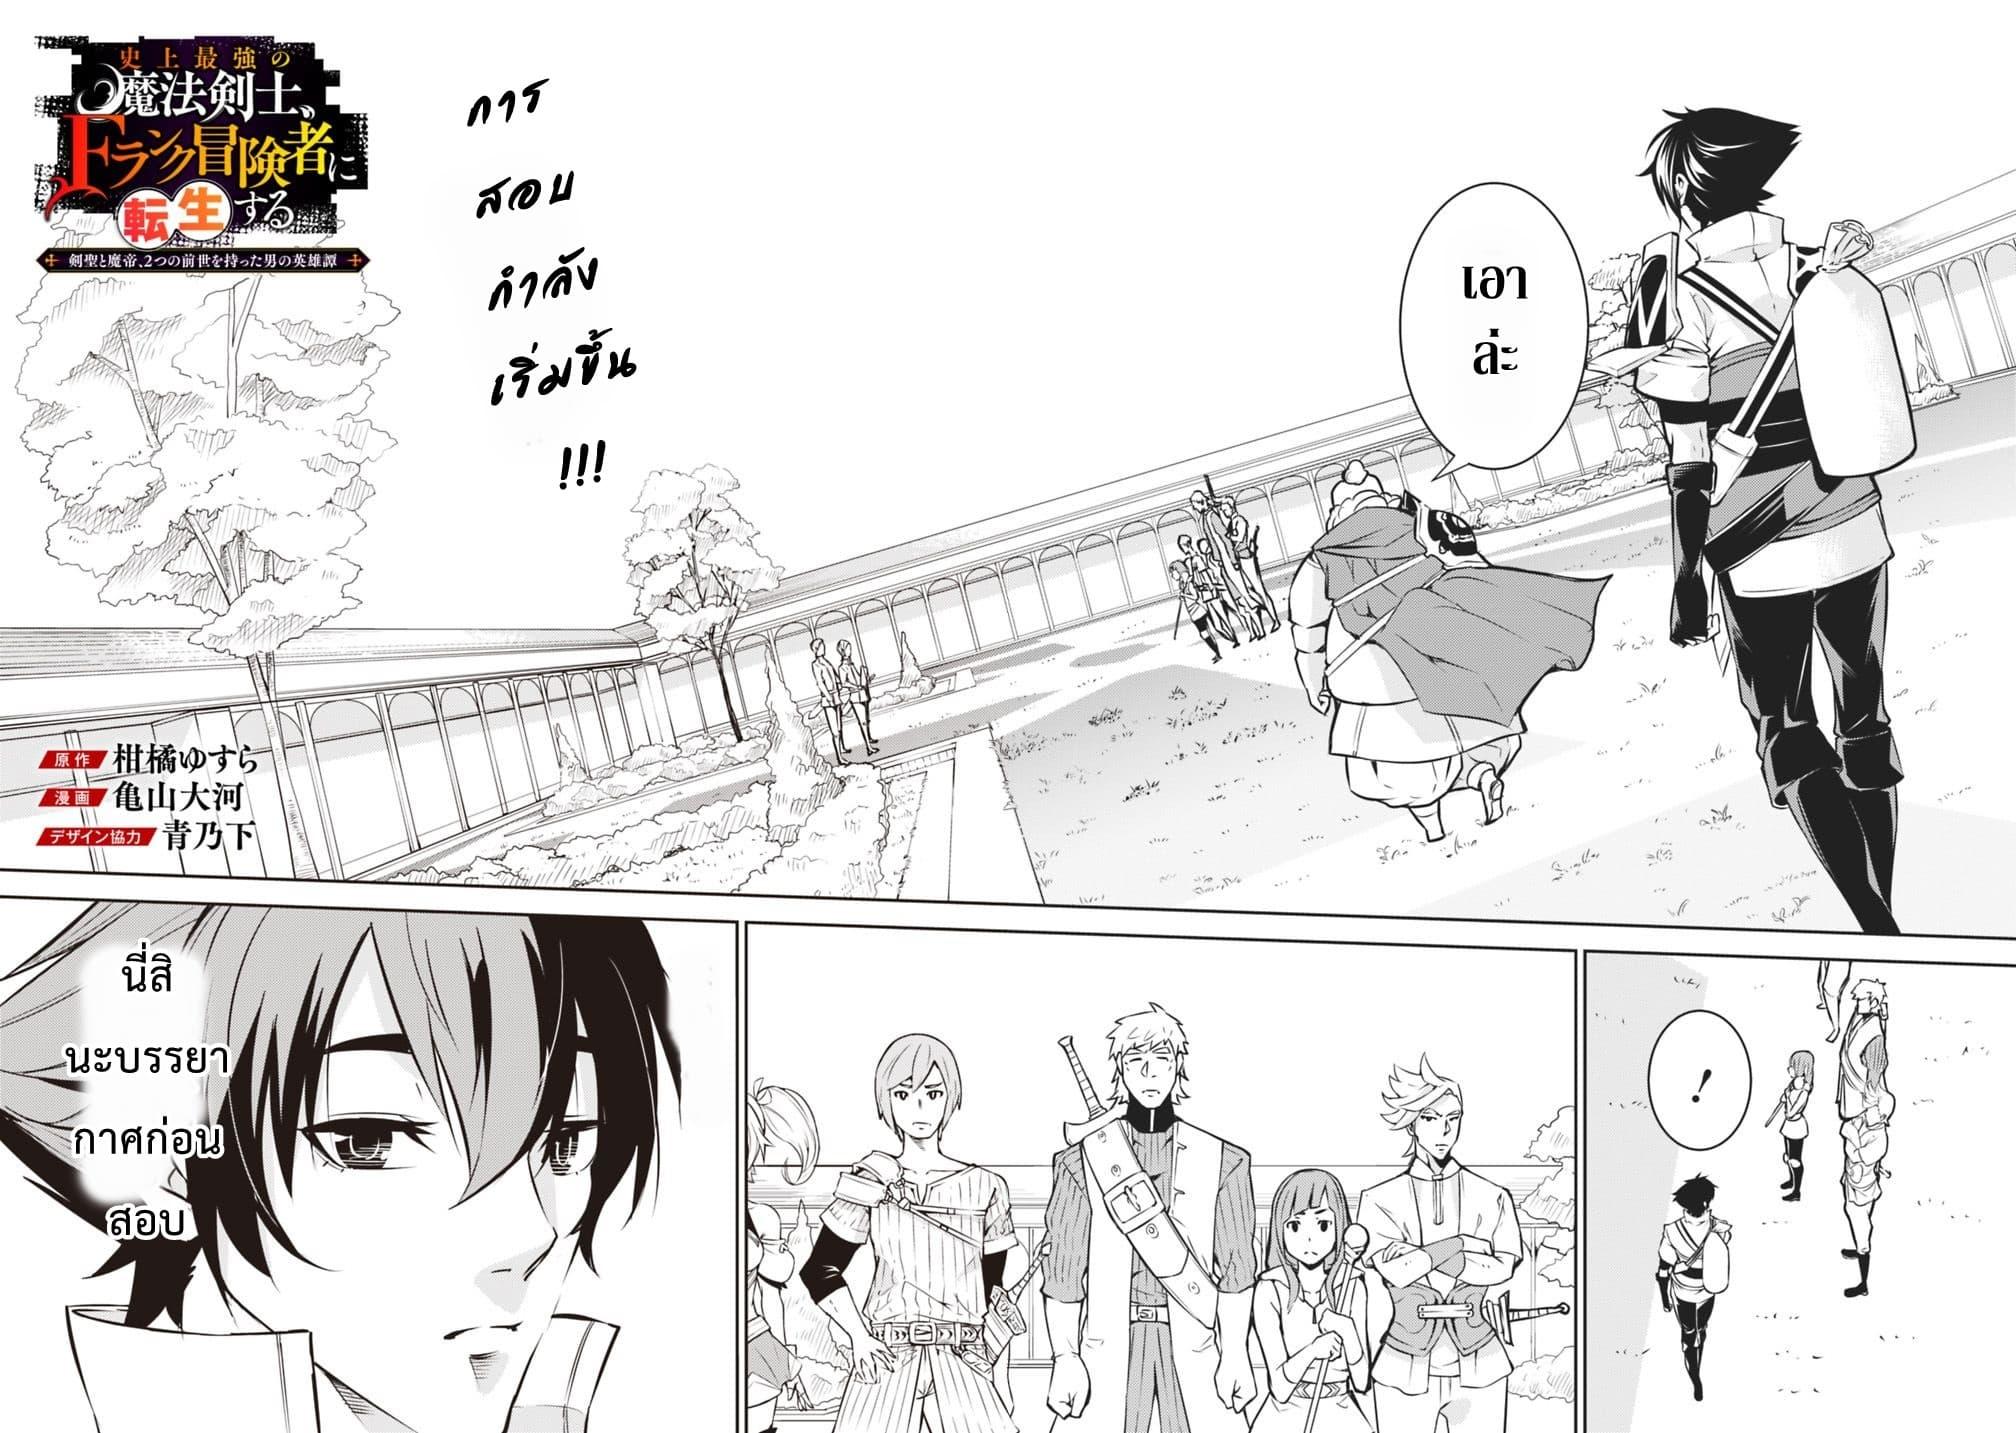 อ่านการ์ตูน Shijou Saikyou no Mahou Kenshi ตอนที่ 8 หน้าที่ 1